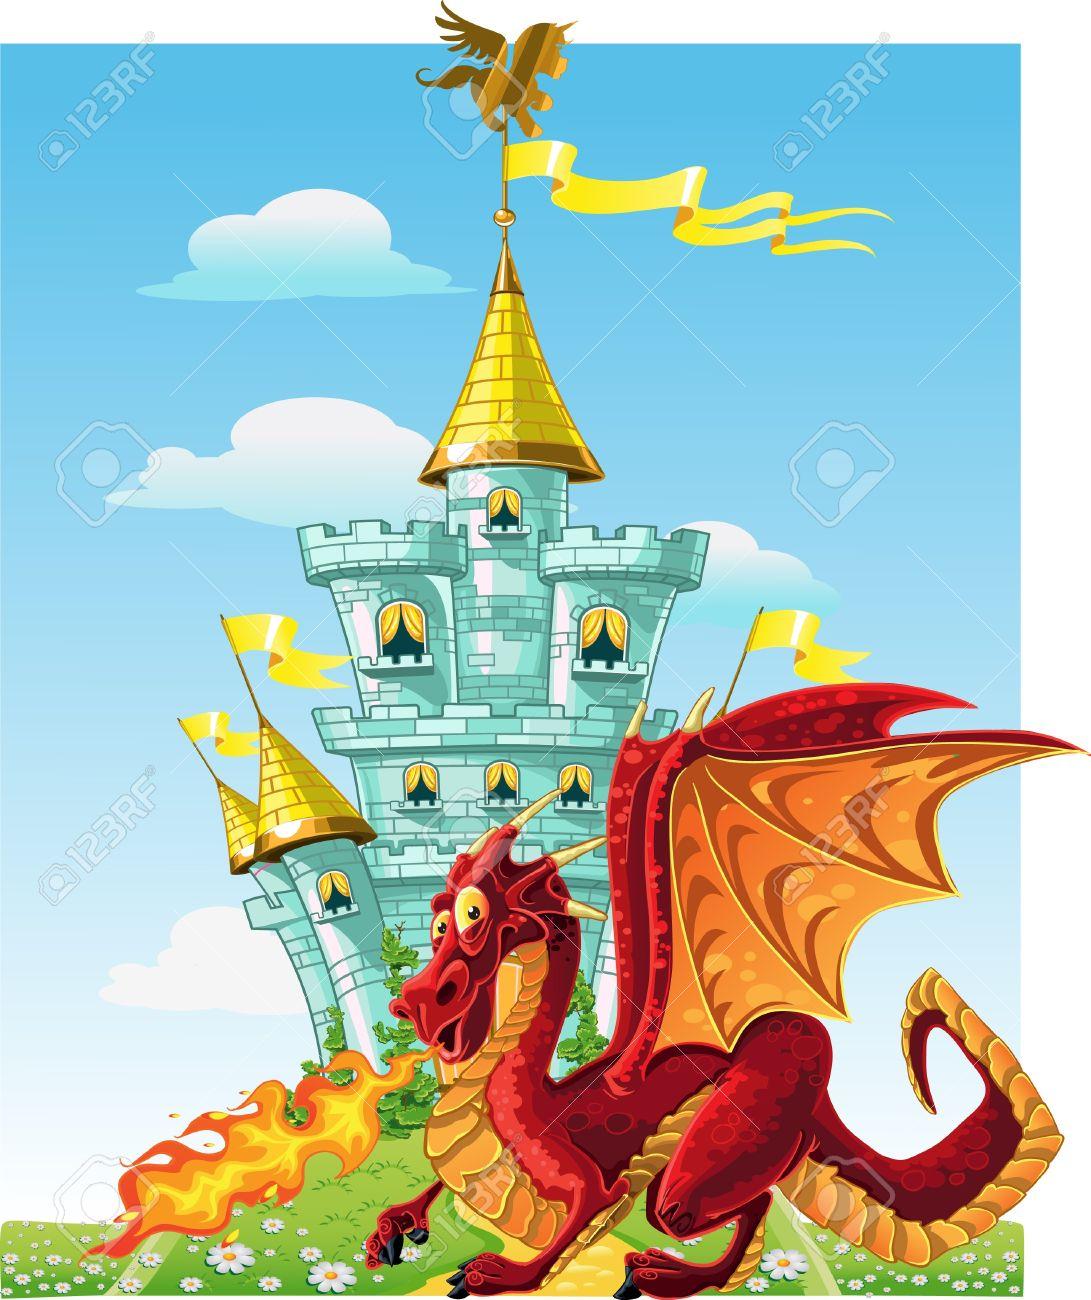 magical fairytale red Dragon near the blue magic castle Stock Vector - 15660656